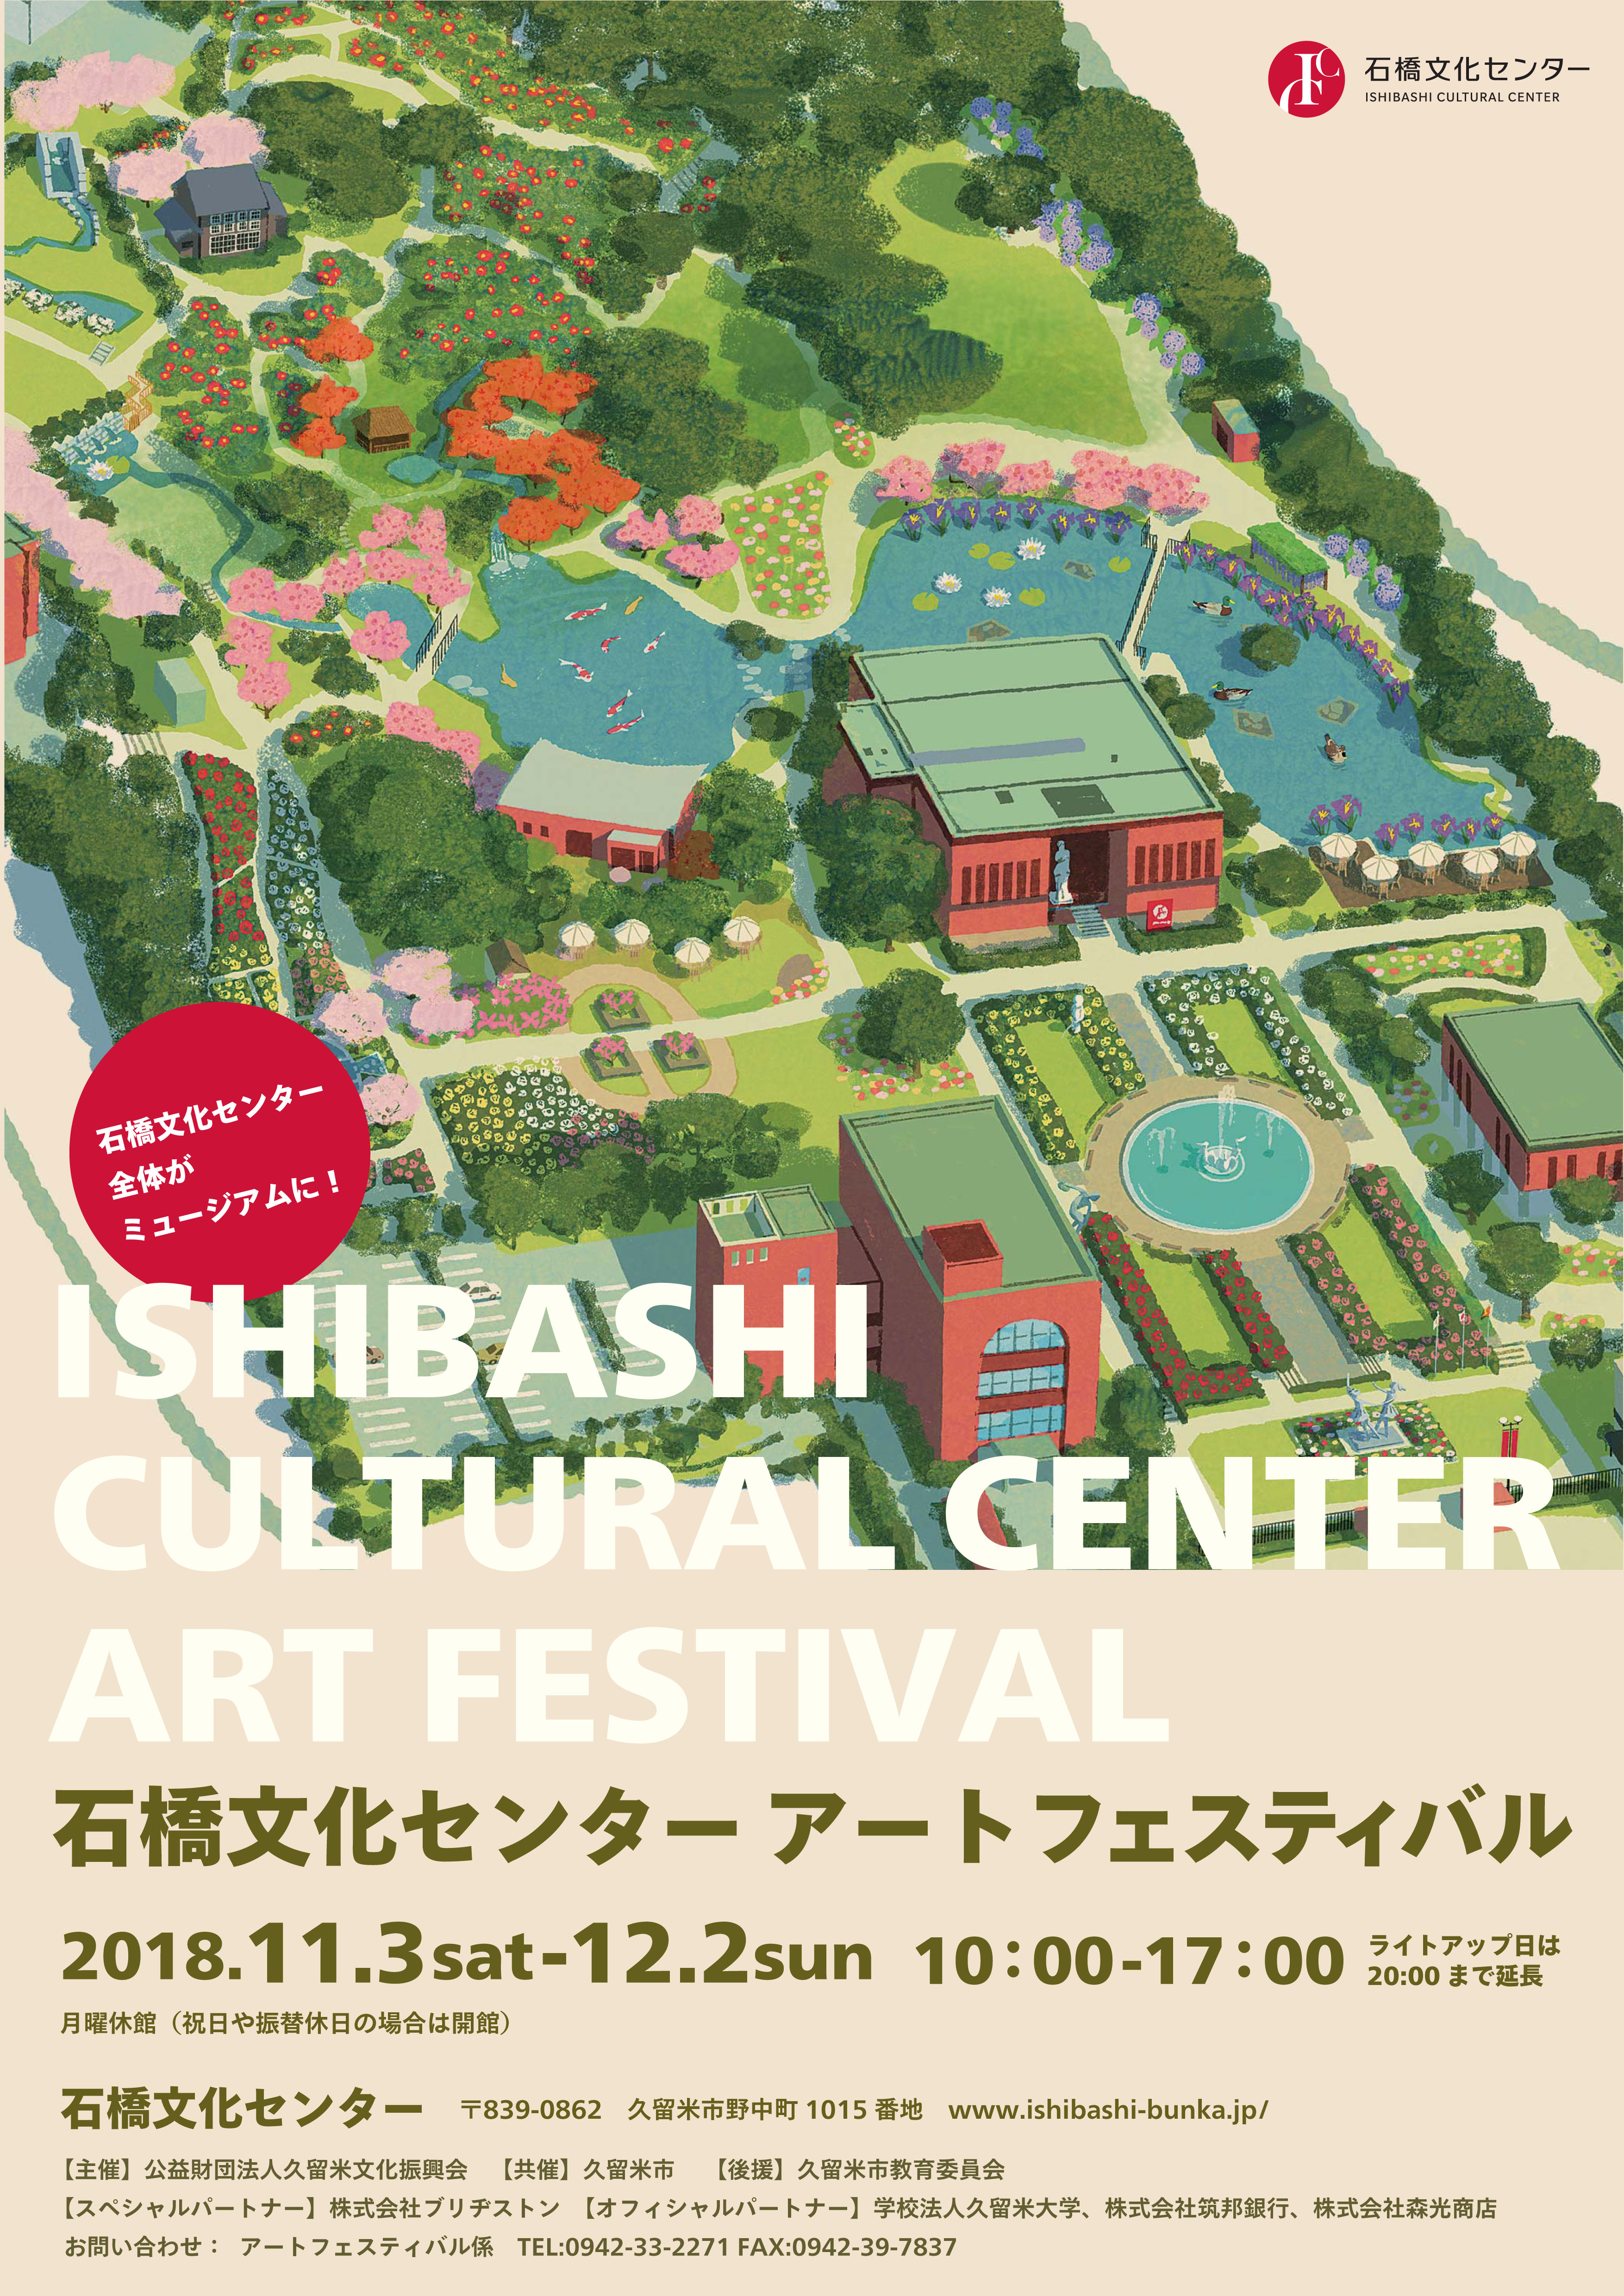 石橋文化センター アートフェスティバル